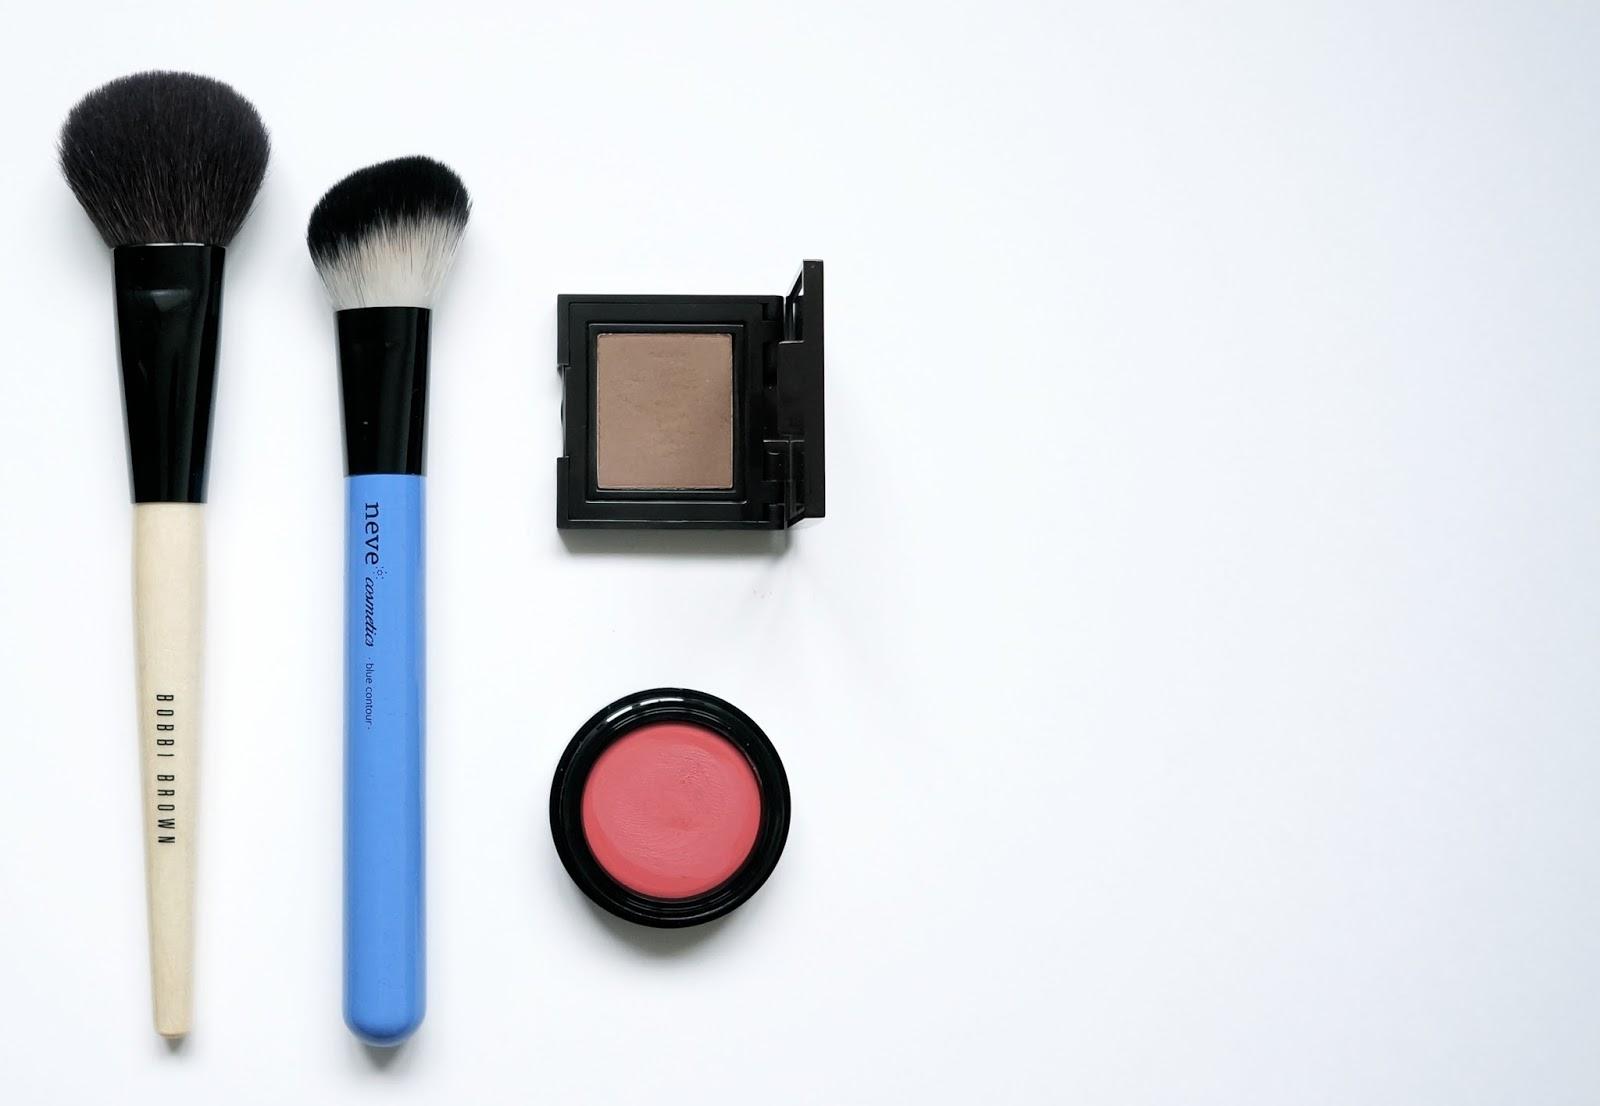 Mes Pinceaux maquillages Makeup Brushes Bobbi Brown Blush brush Neve Cosmetics Blue contour brush Laura Mercier Cafe au Lait eyeshadow Lavera Lips & Cheeks fancy melon Lexie Blush